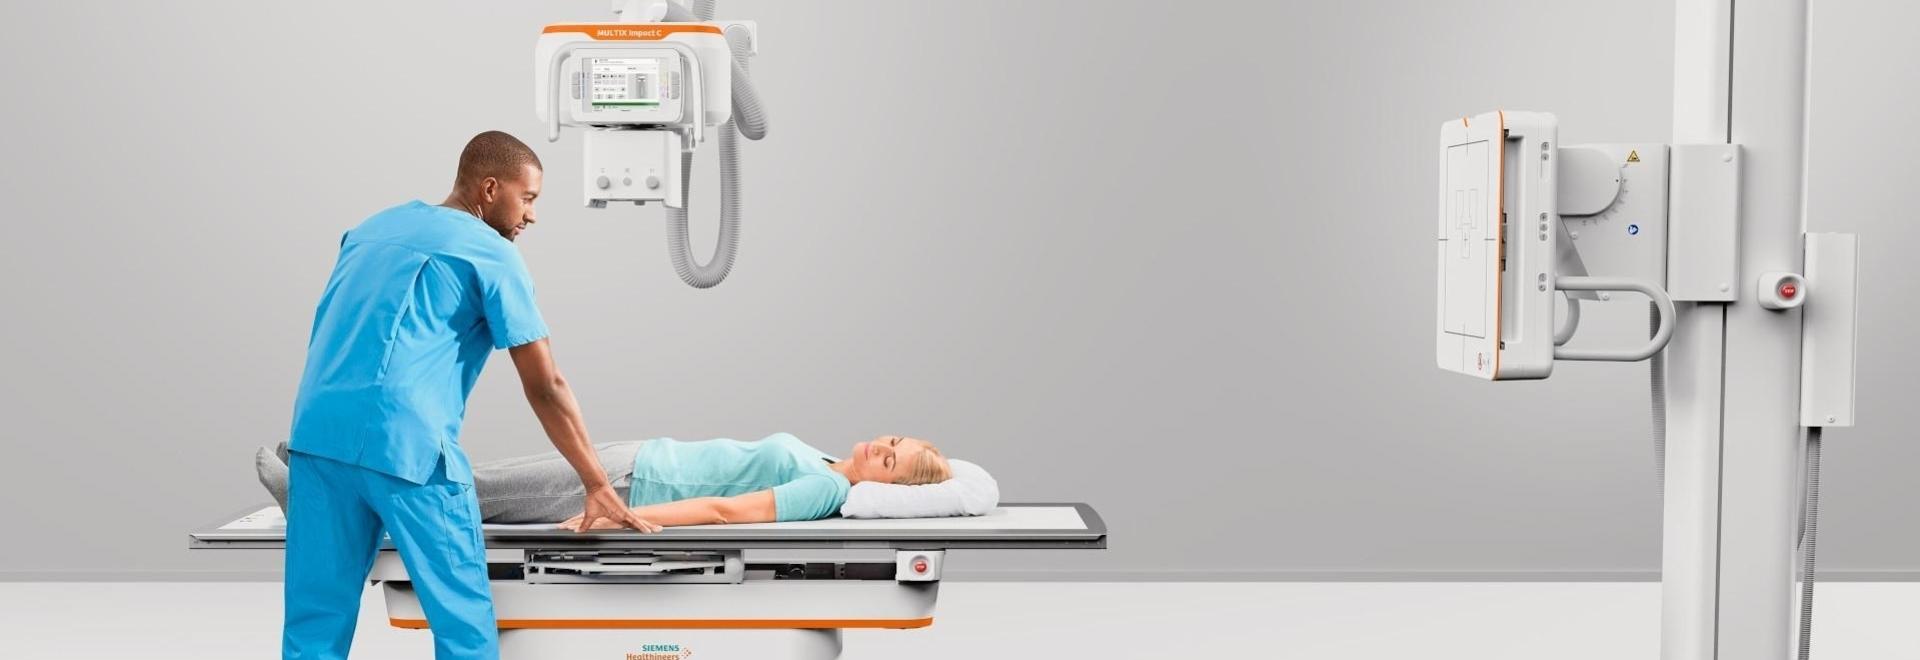 Siemens Healthineers complète sa plate-forme Multix Impact avec le nouveau Multix Impact C monté au plafond